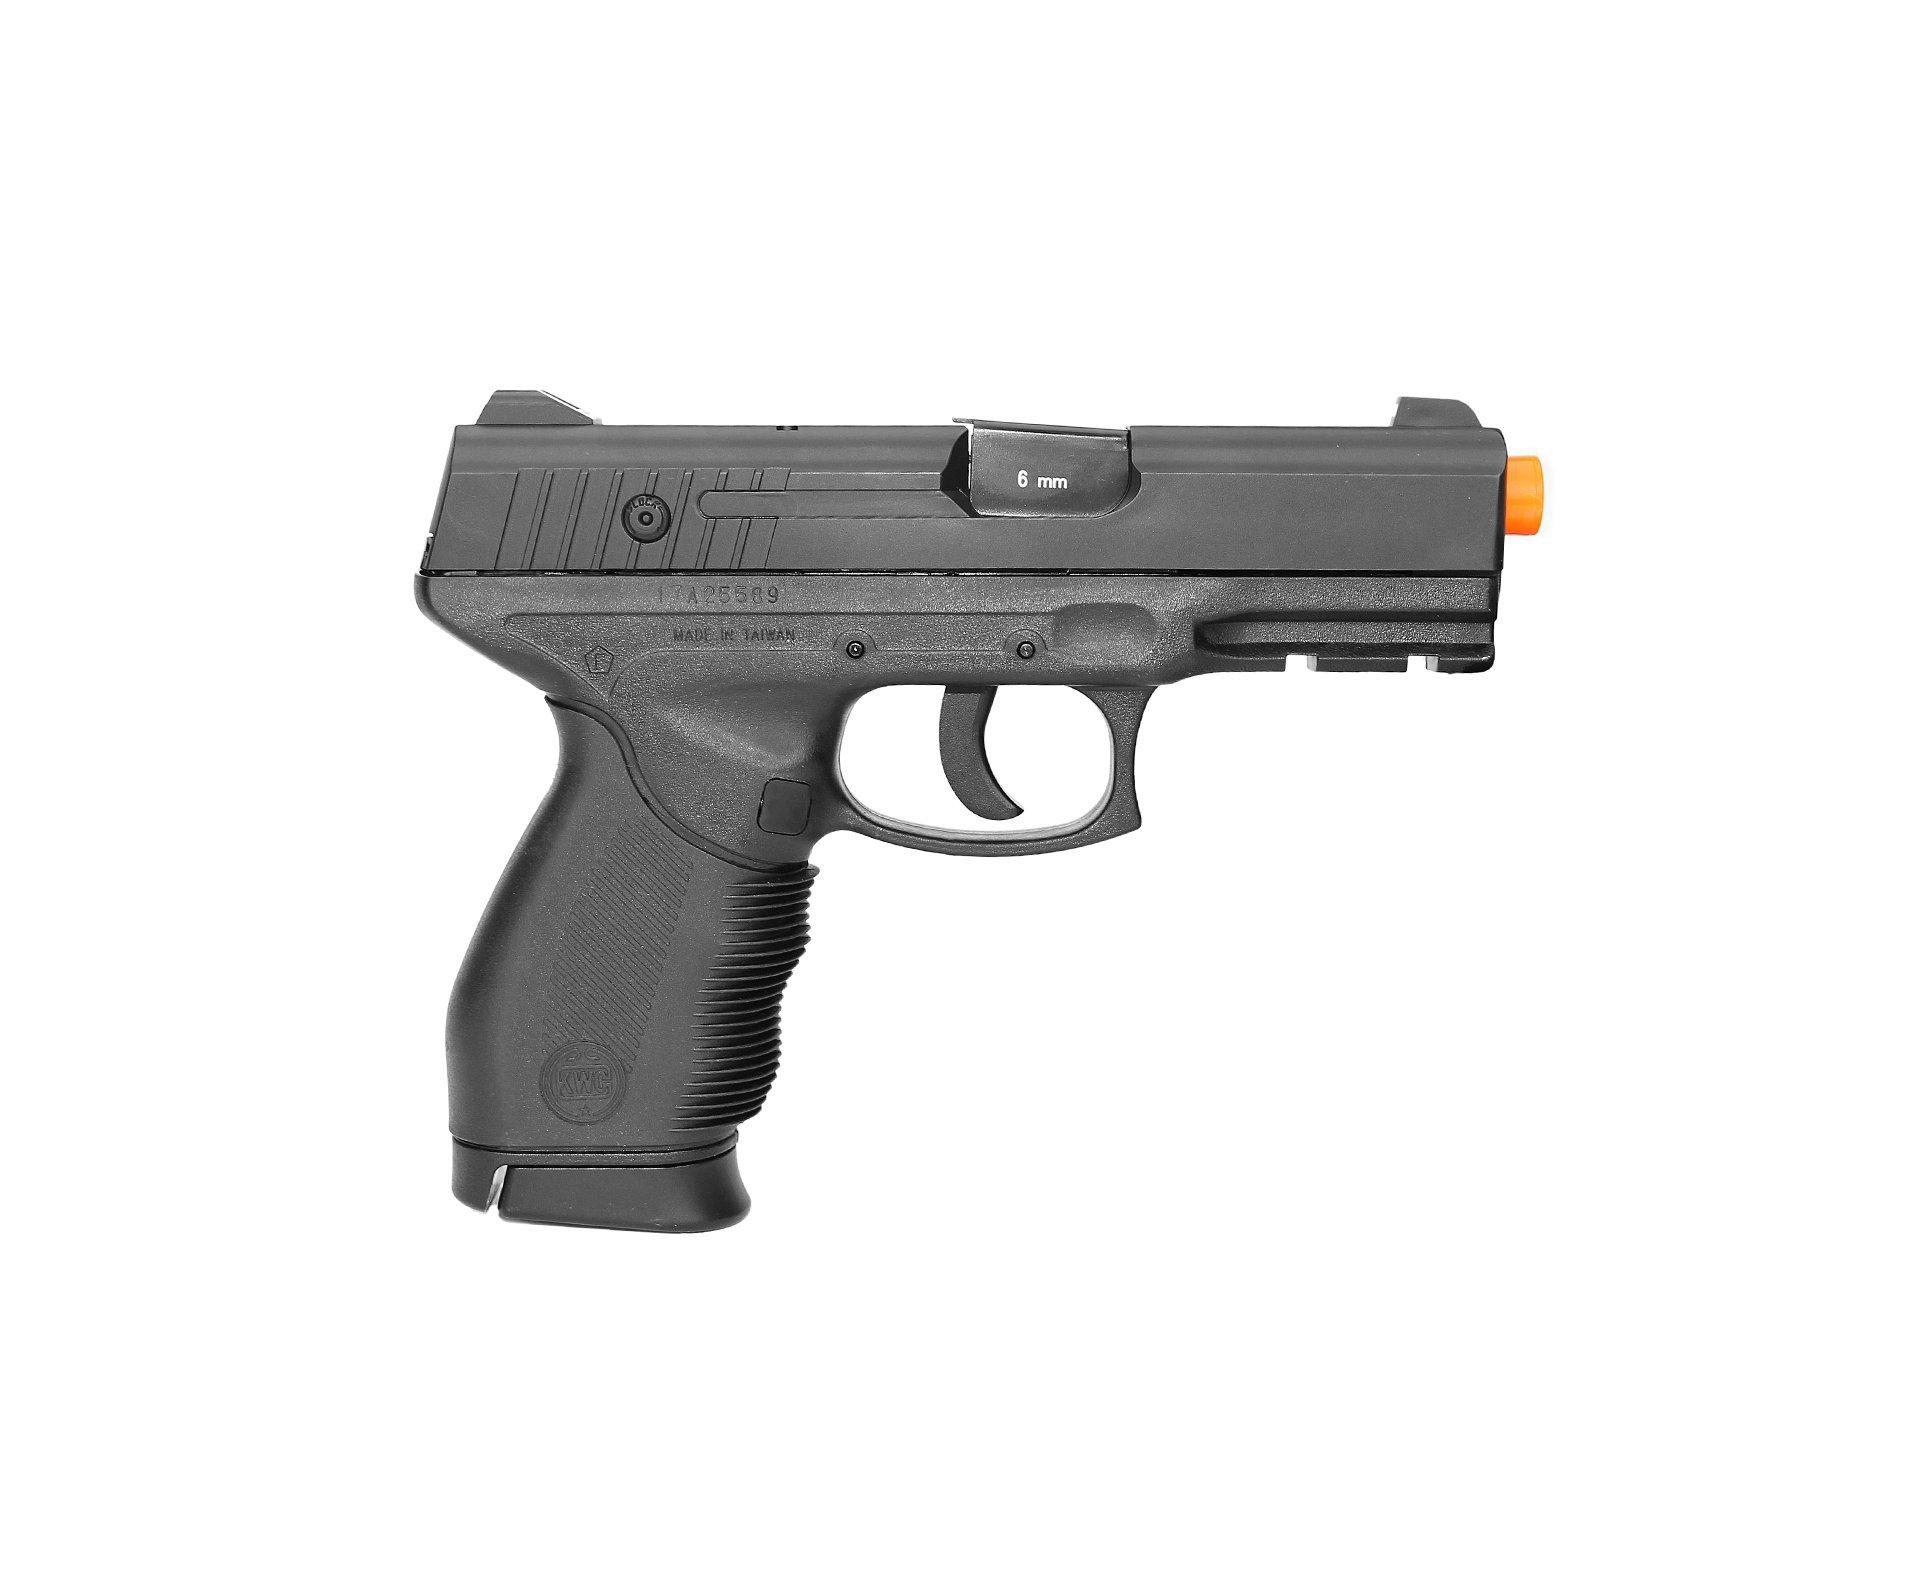 Pistola De Airsoft Gas Co2 Pt 24/7 Cal 6.0mm Kwc